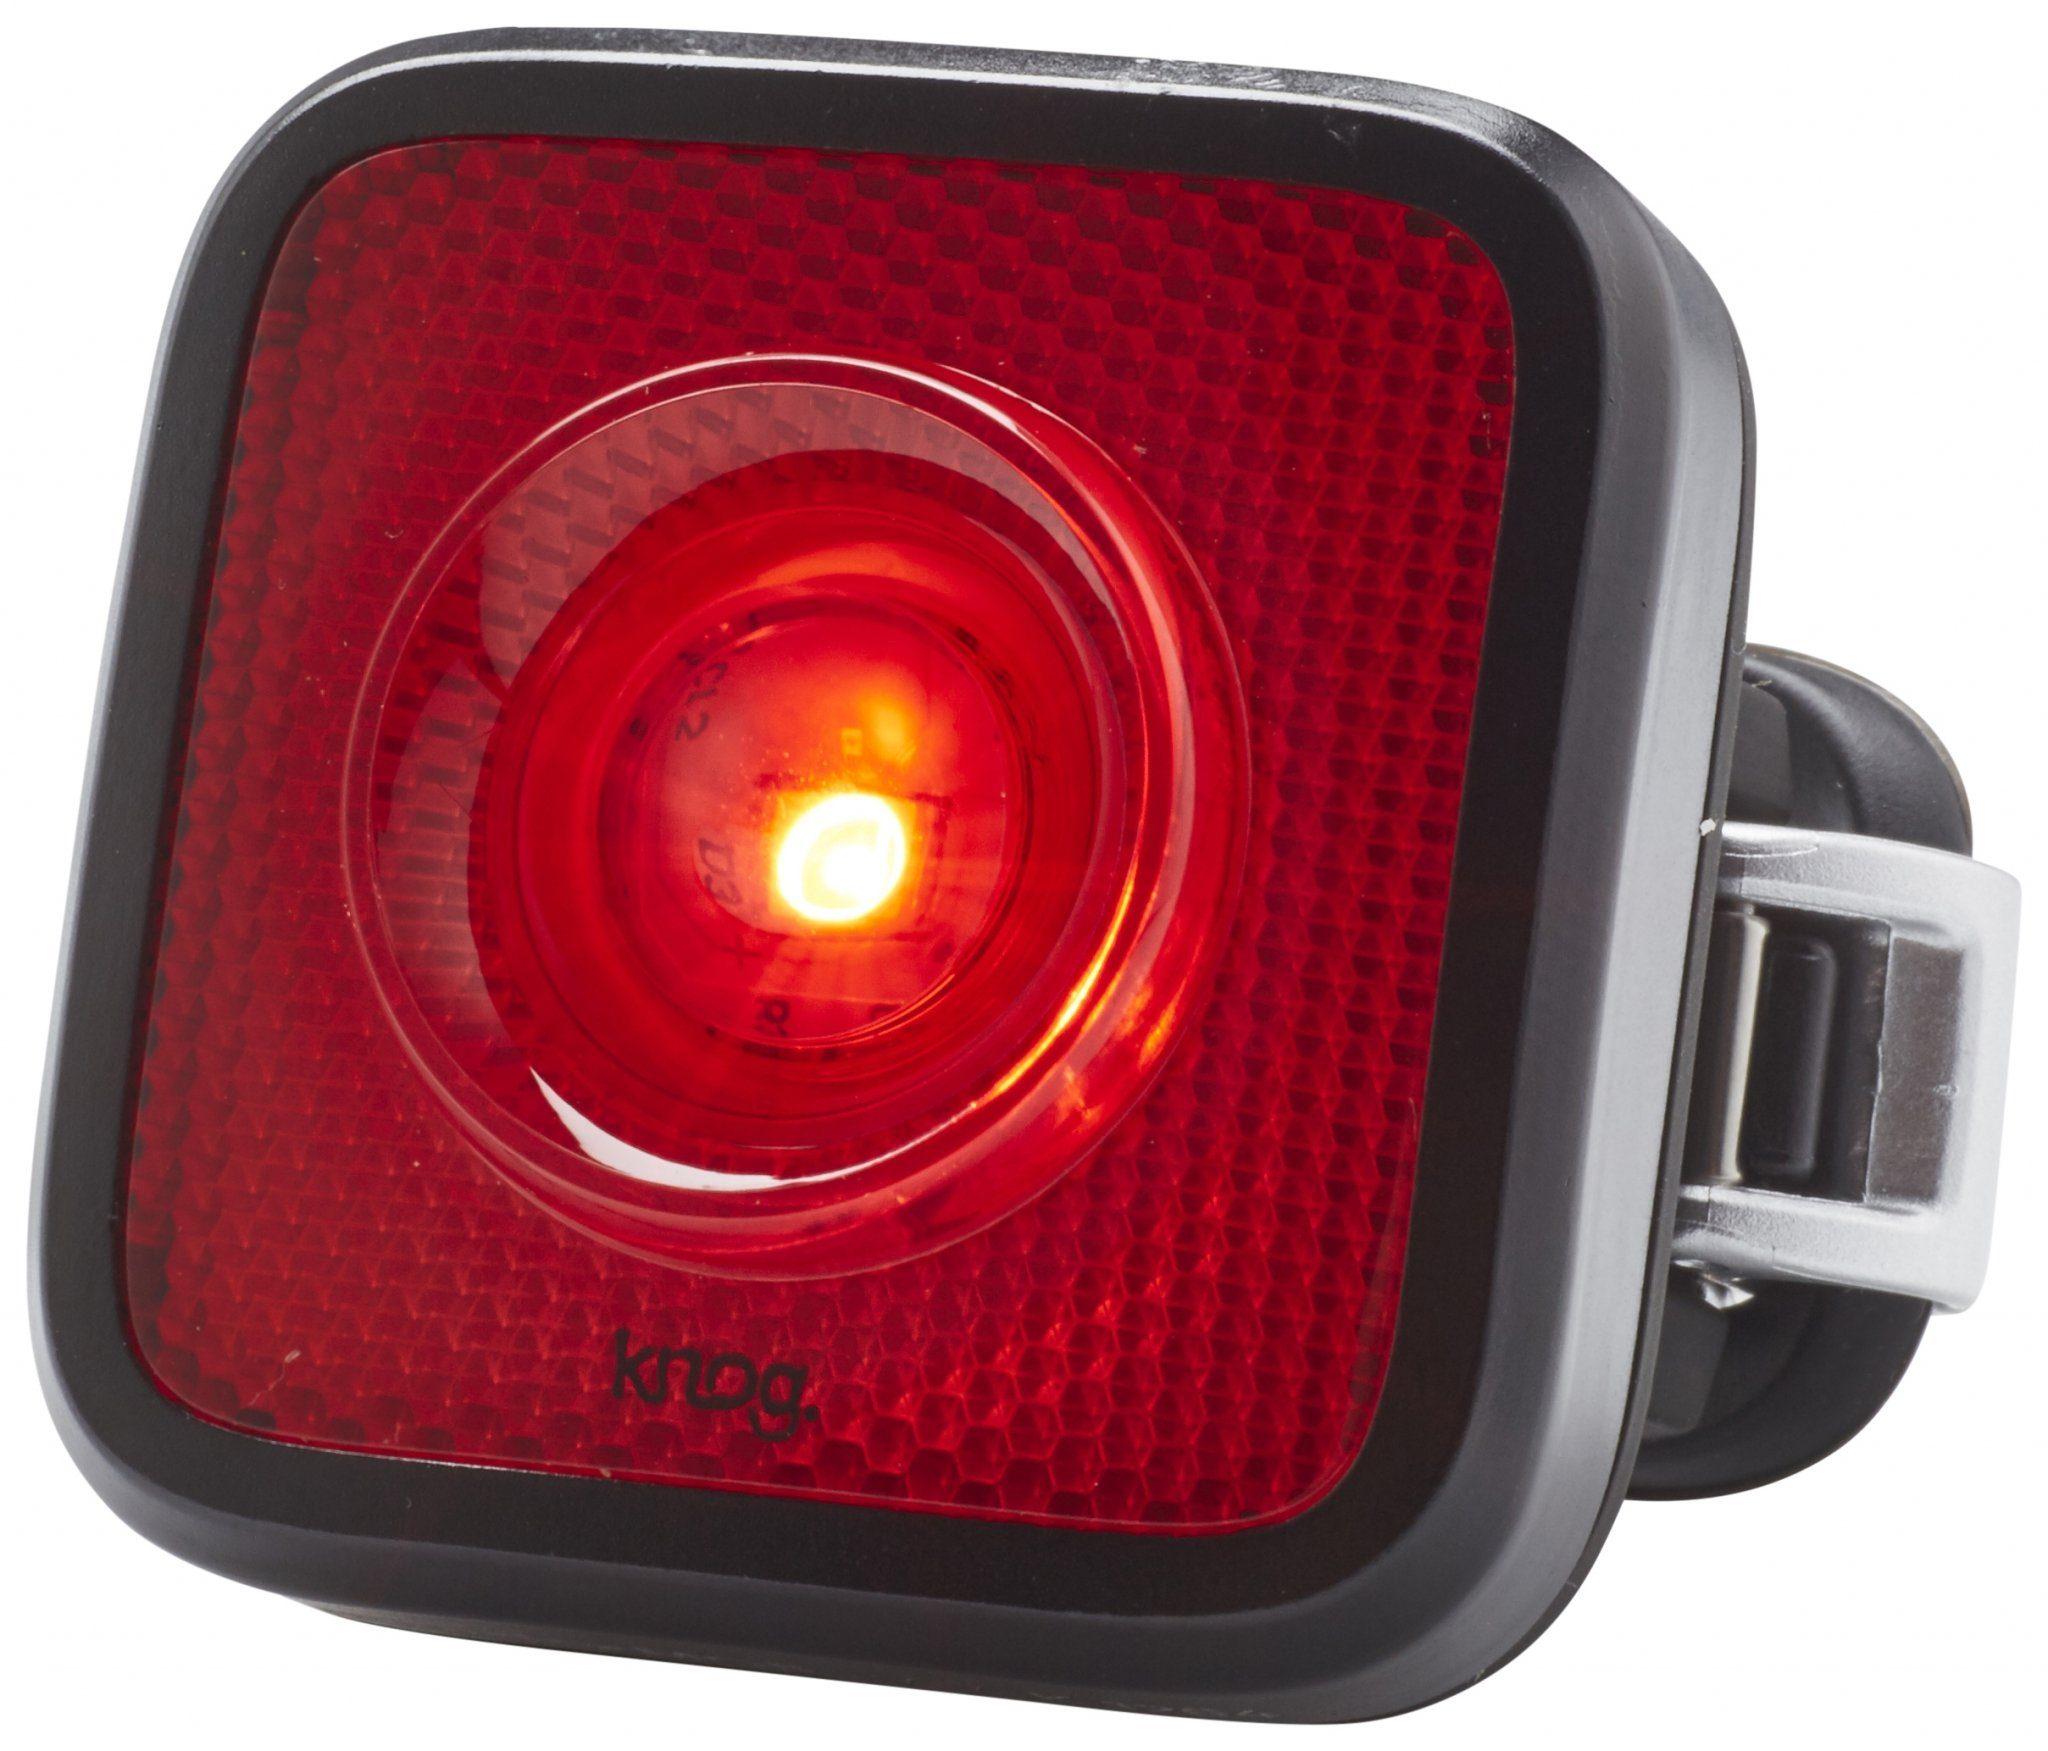 Knog Fahrradbeleuchtung »Knog Blinder MOB Rücklicht StVZO rote LED«